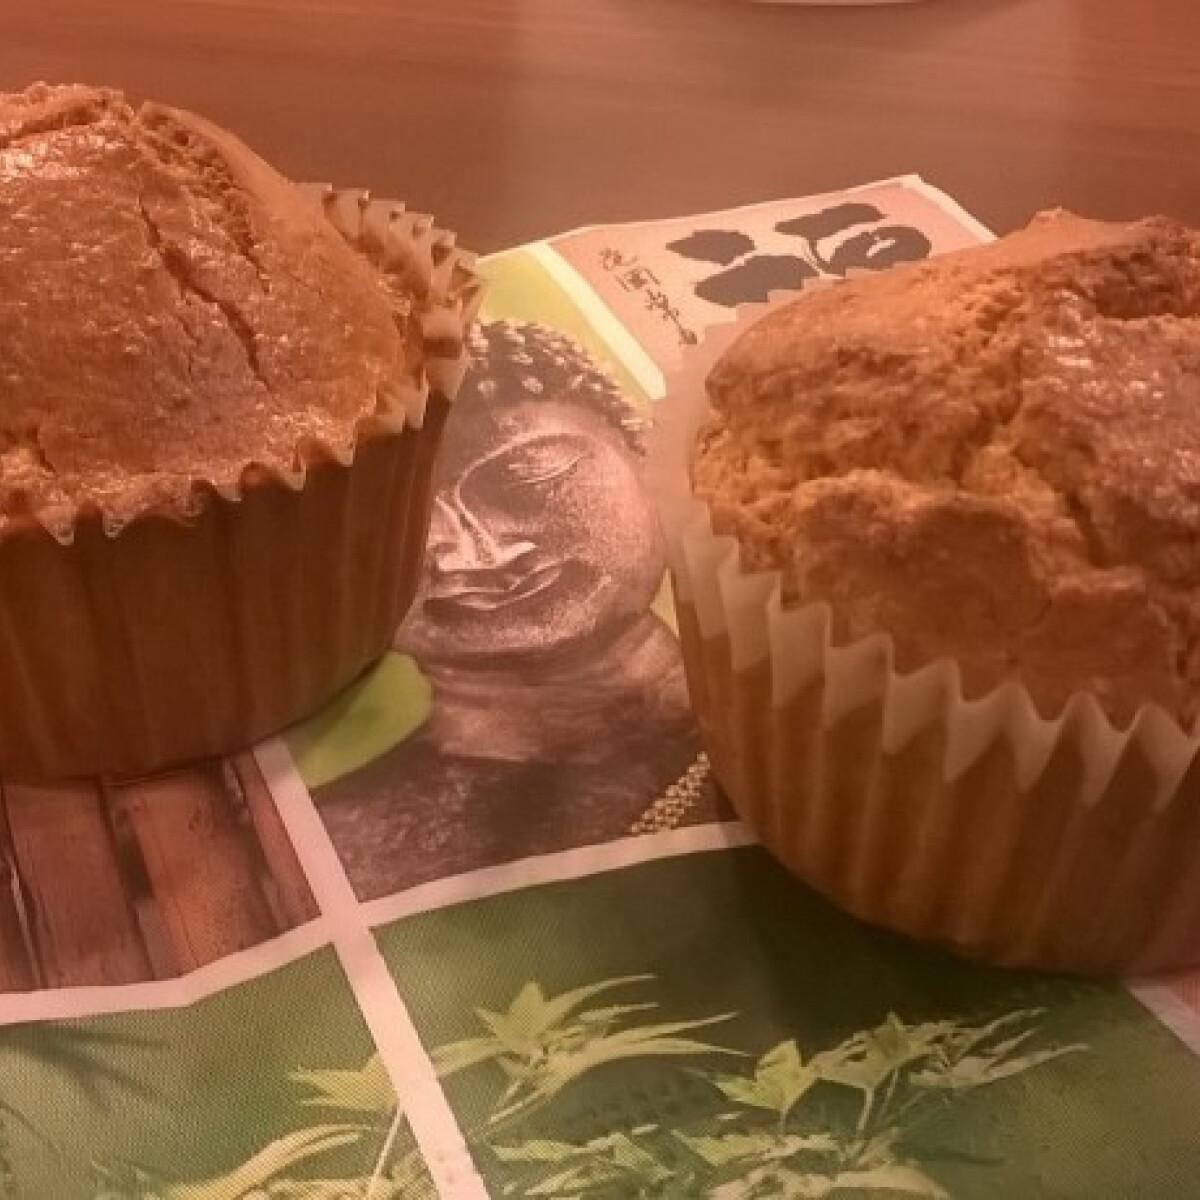 Tej- és cukormentes zabpelyhes muffin